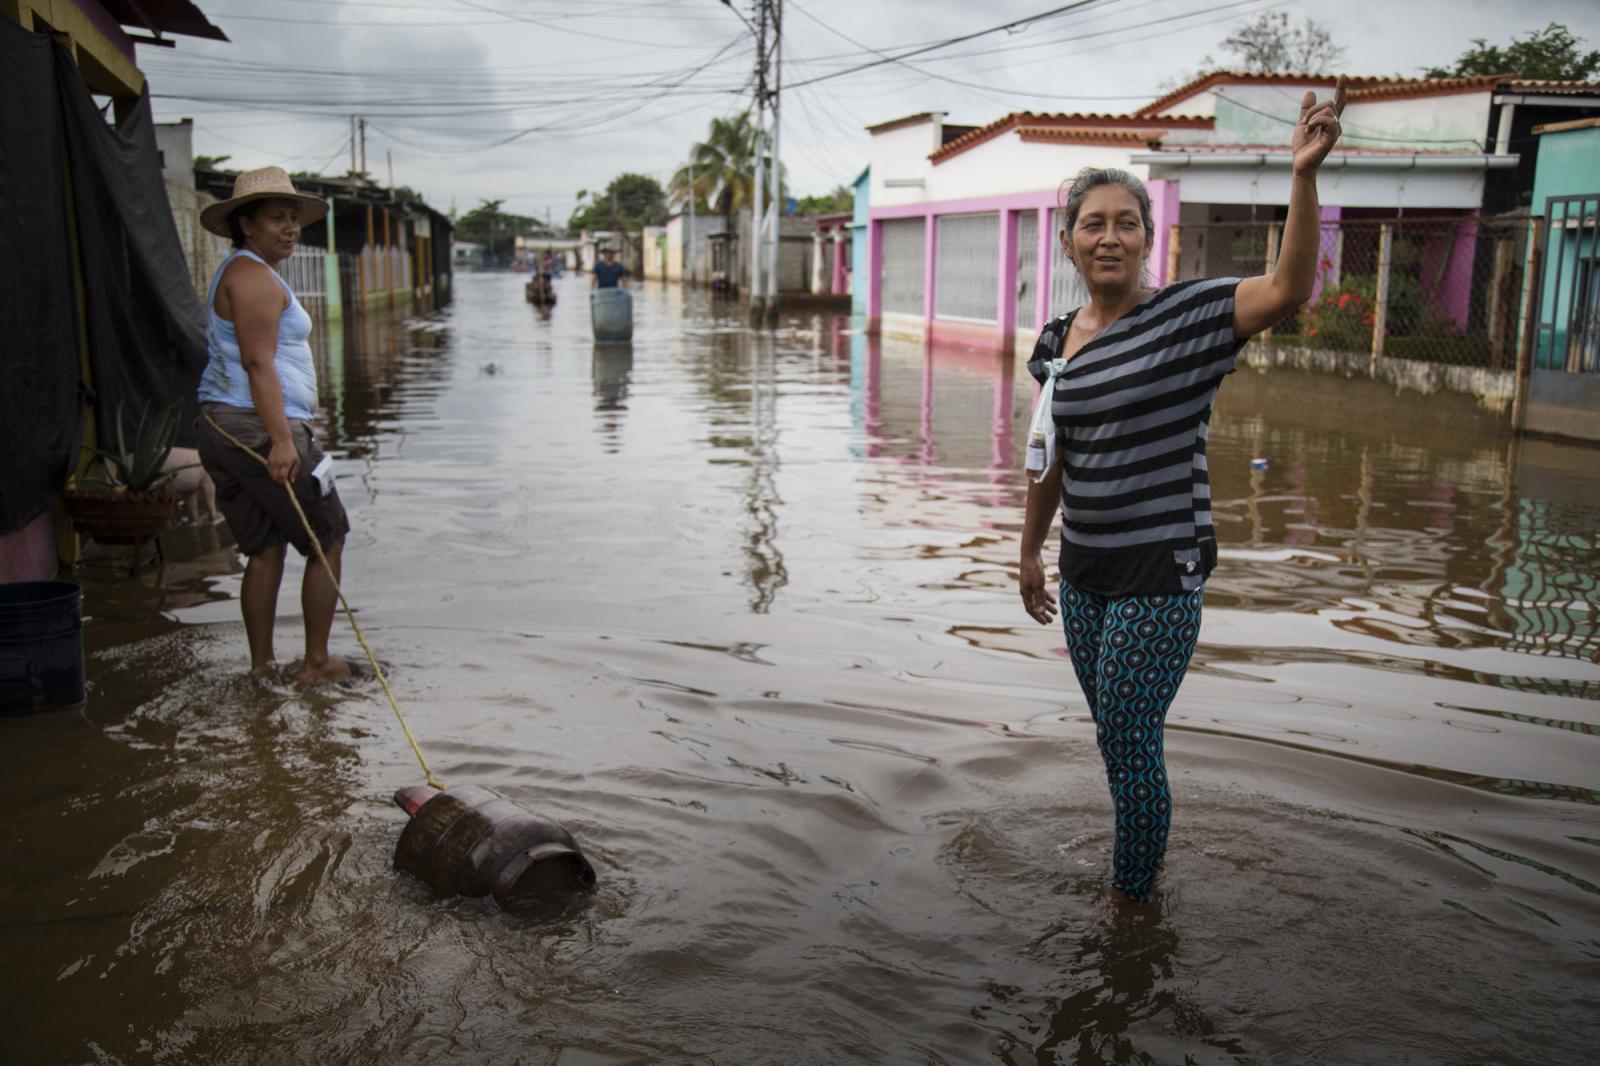 Una mujer arrastra por el agua una bombona de gas, mientras otra señala al río en Guasdualito, estado Apure, el 5 de julio de 2015.